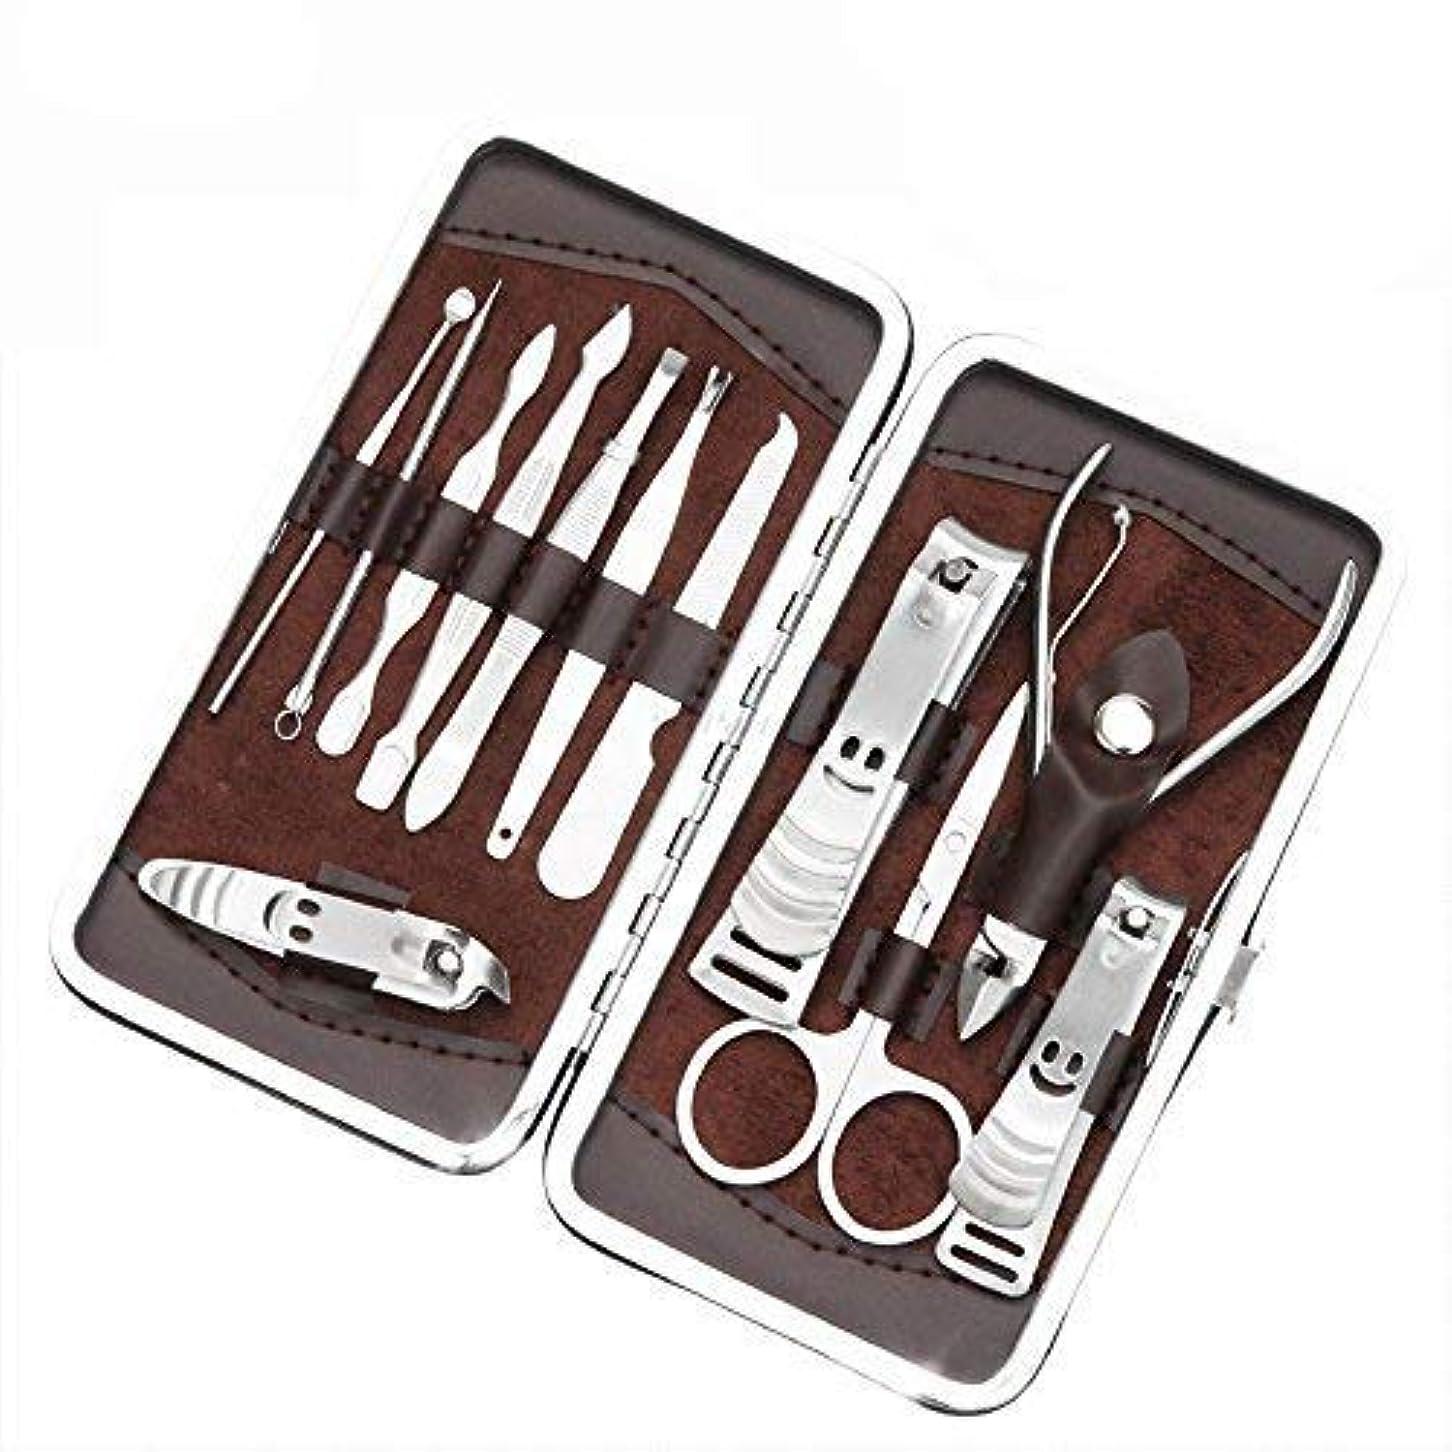 夜間汚れたの爪切り?ネイルケア 12点 セット ネイル ブラシ ケア 高級なステンレス製 携帯便利グルーミング キット爪の爪切りセット SPH-022